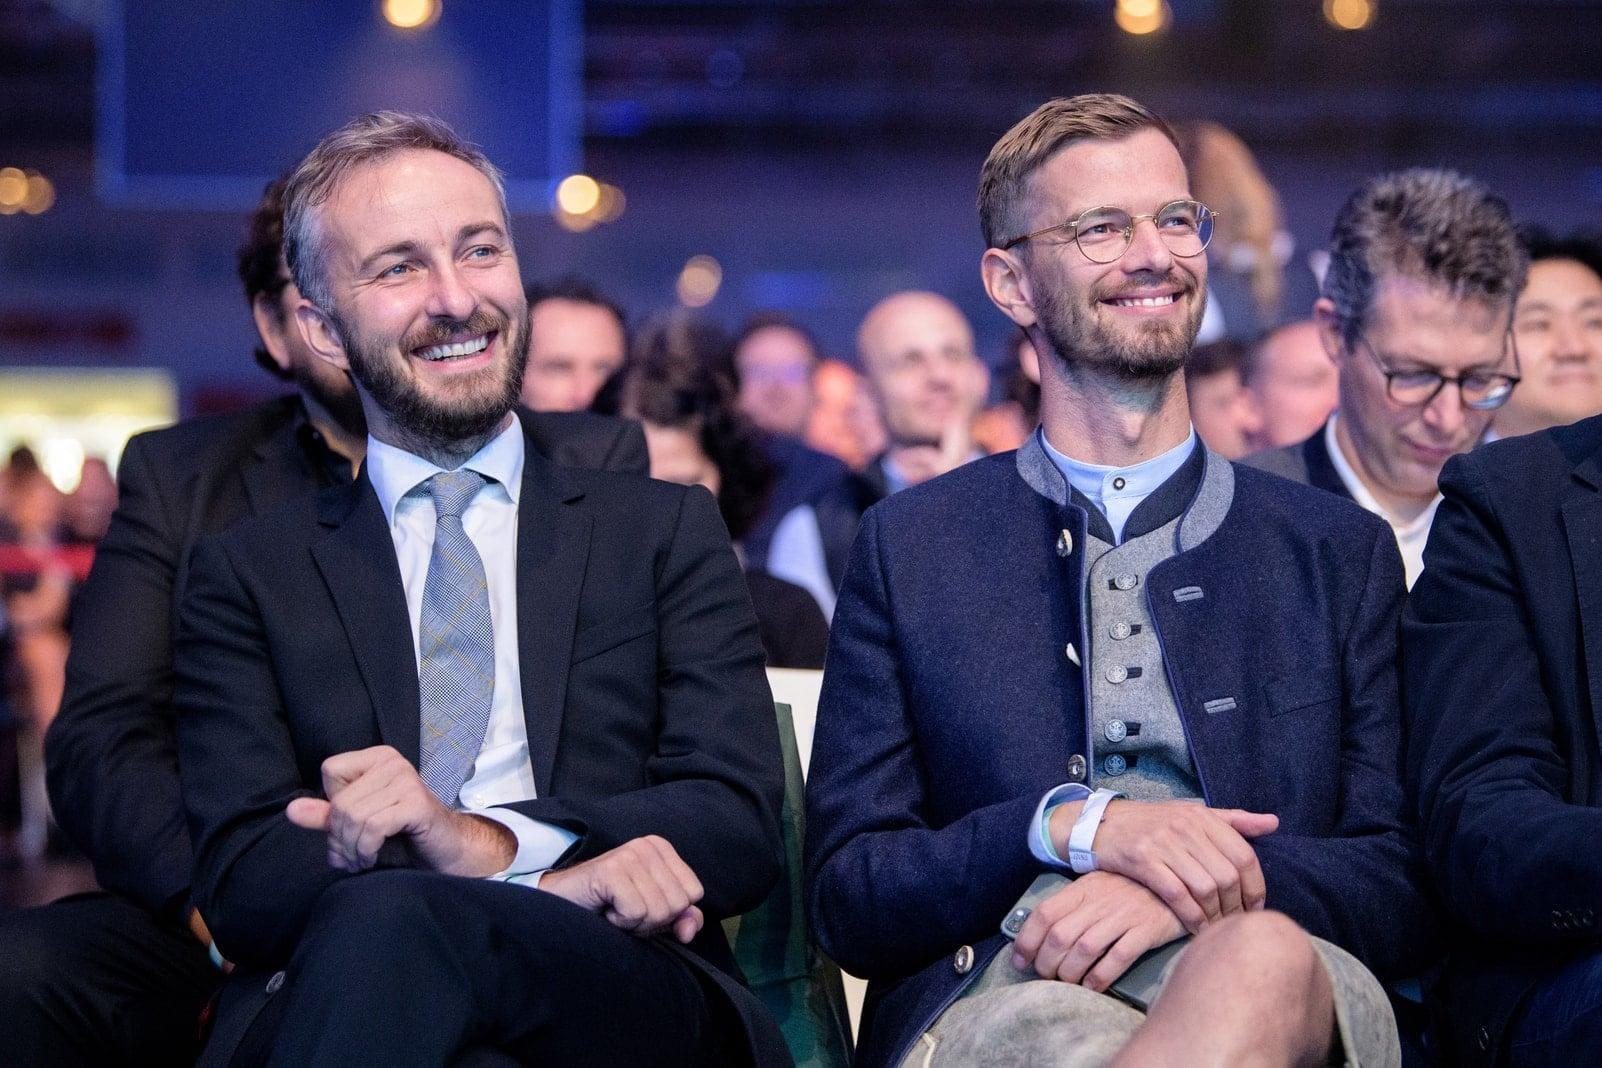 Die beiden Podcaster und Moderatoren Joko Winterscheidt und Jan Böhmermann